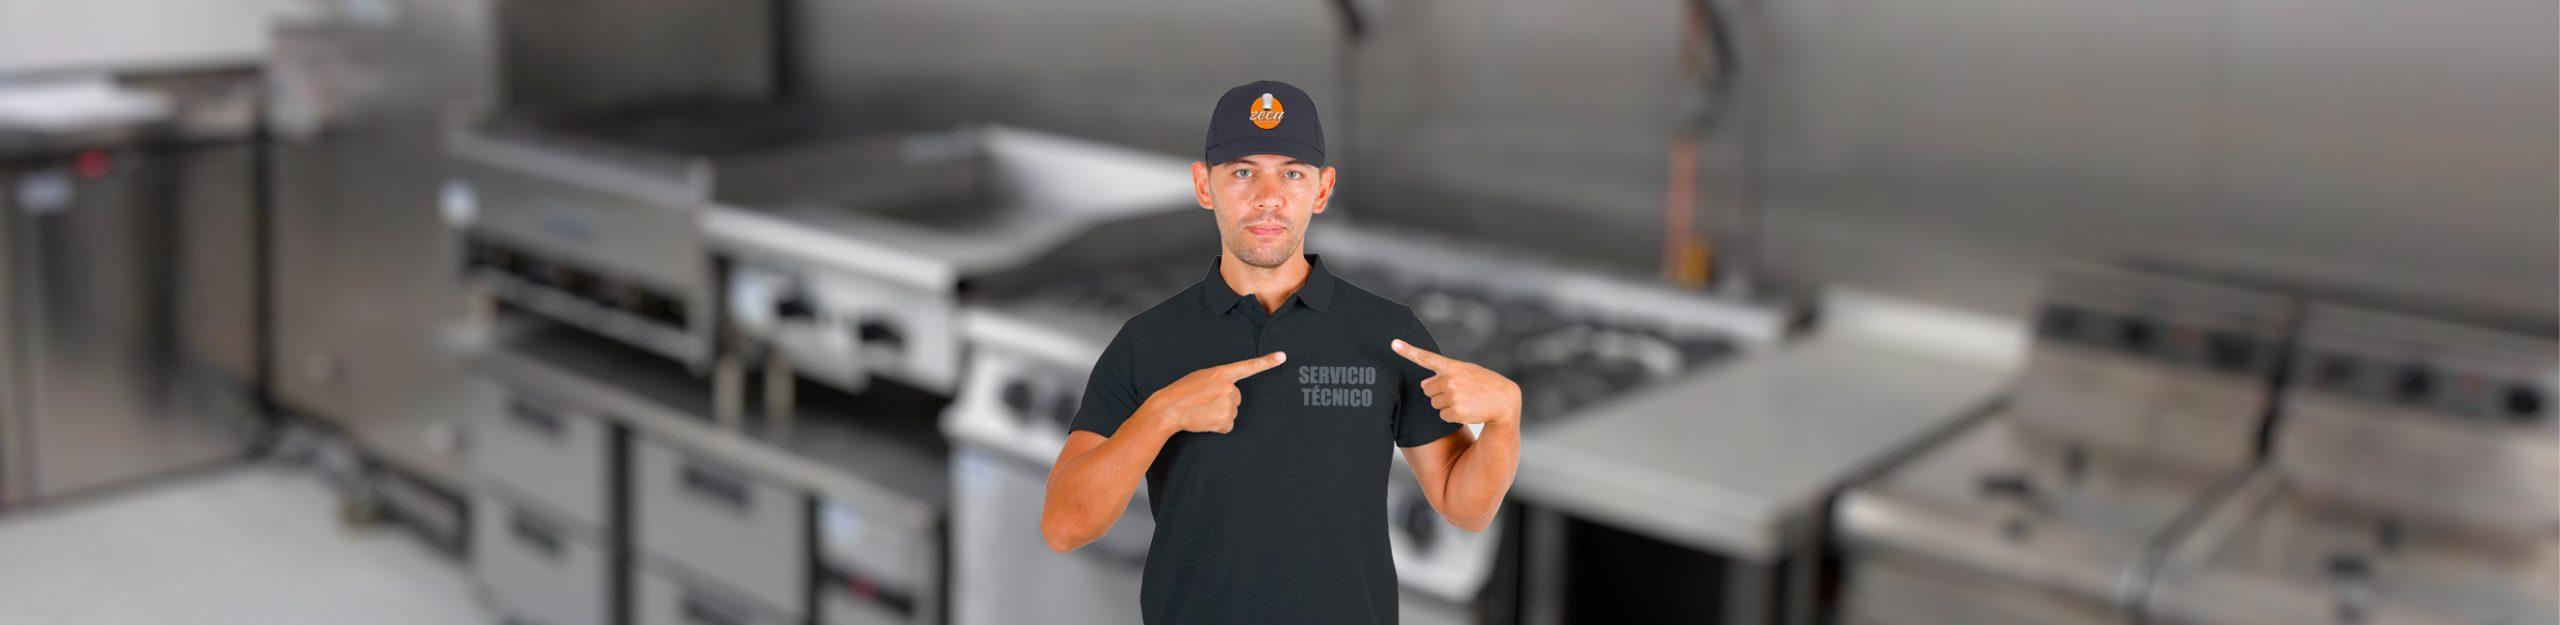 servicio-tecnico-cocinas